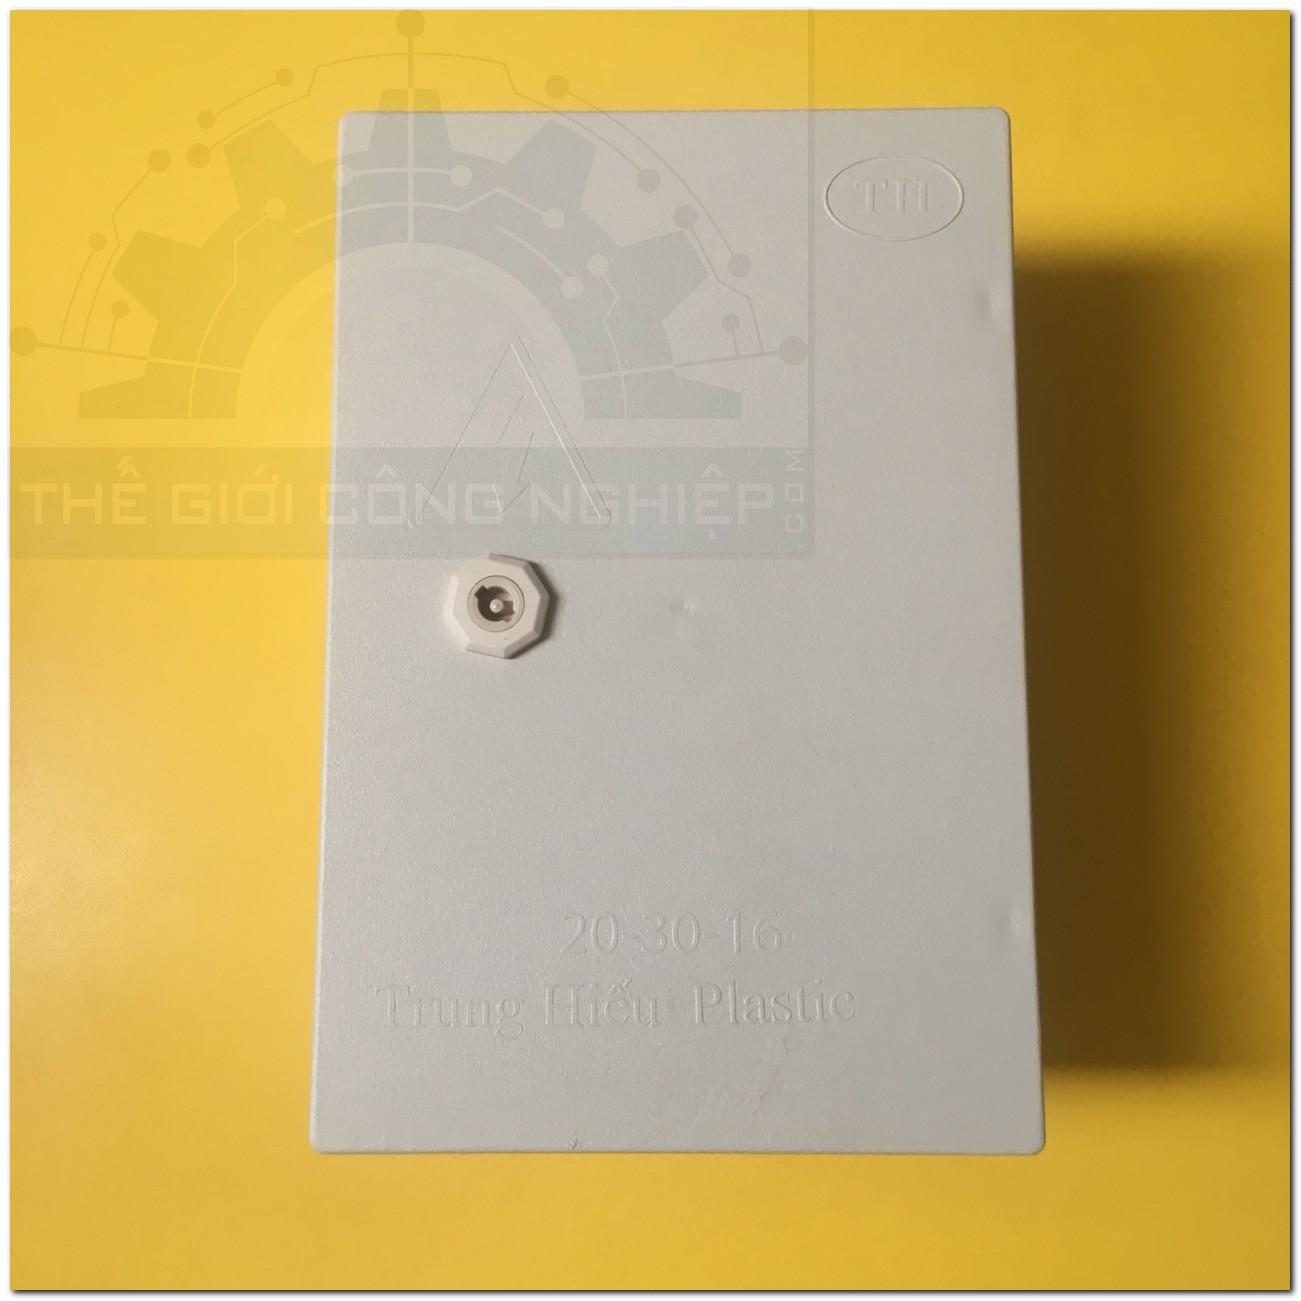 Vỏ tủ điện nhựa 20x30x16cm  TGCN-48527 OEM-1710